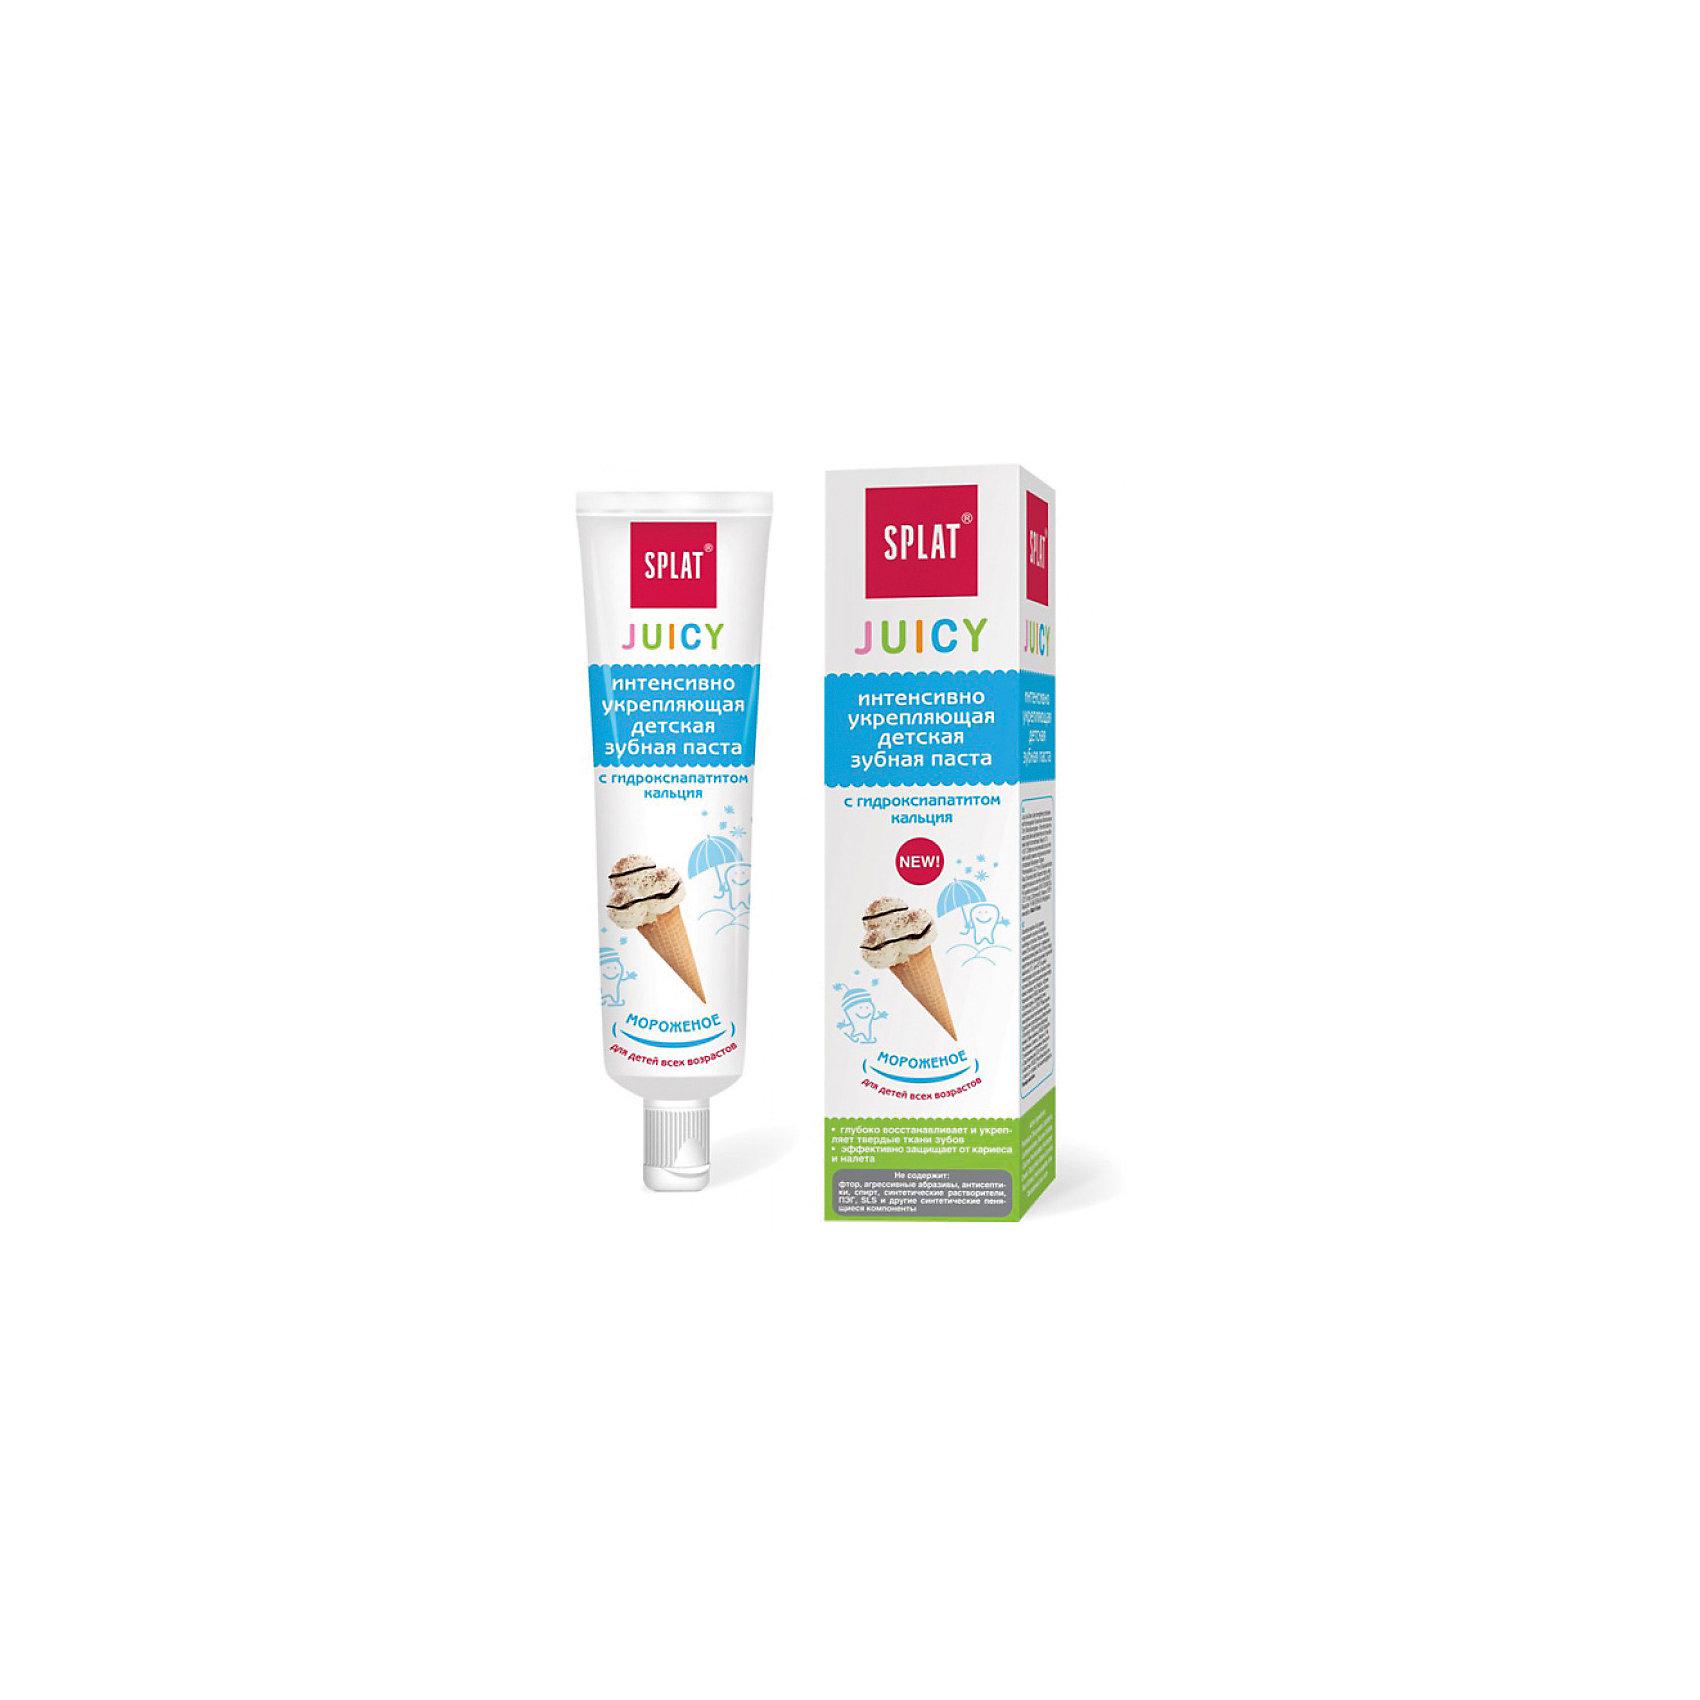 Детская укрепляющая зубная паста Juicy с гидроксиапатитом кальция, Мороженое, Splat